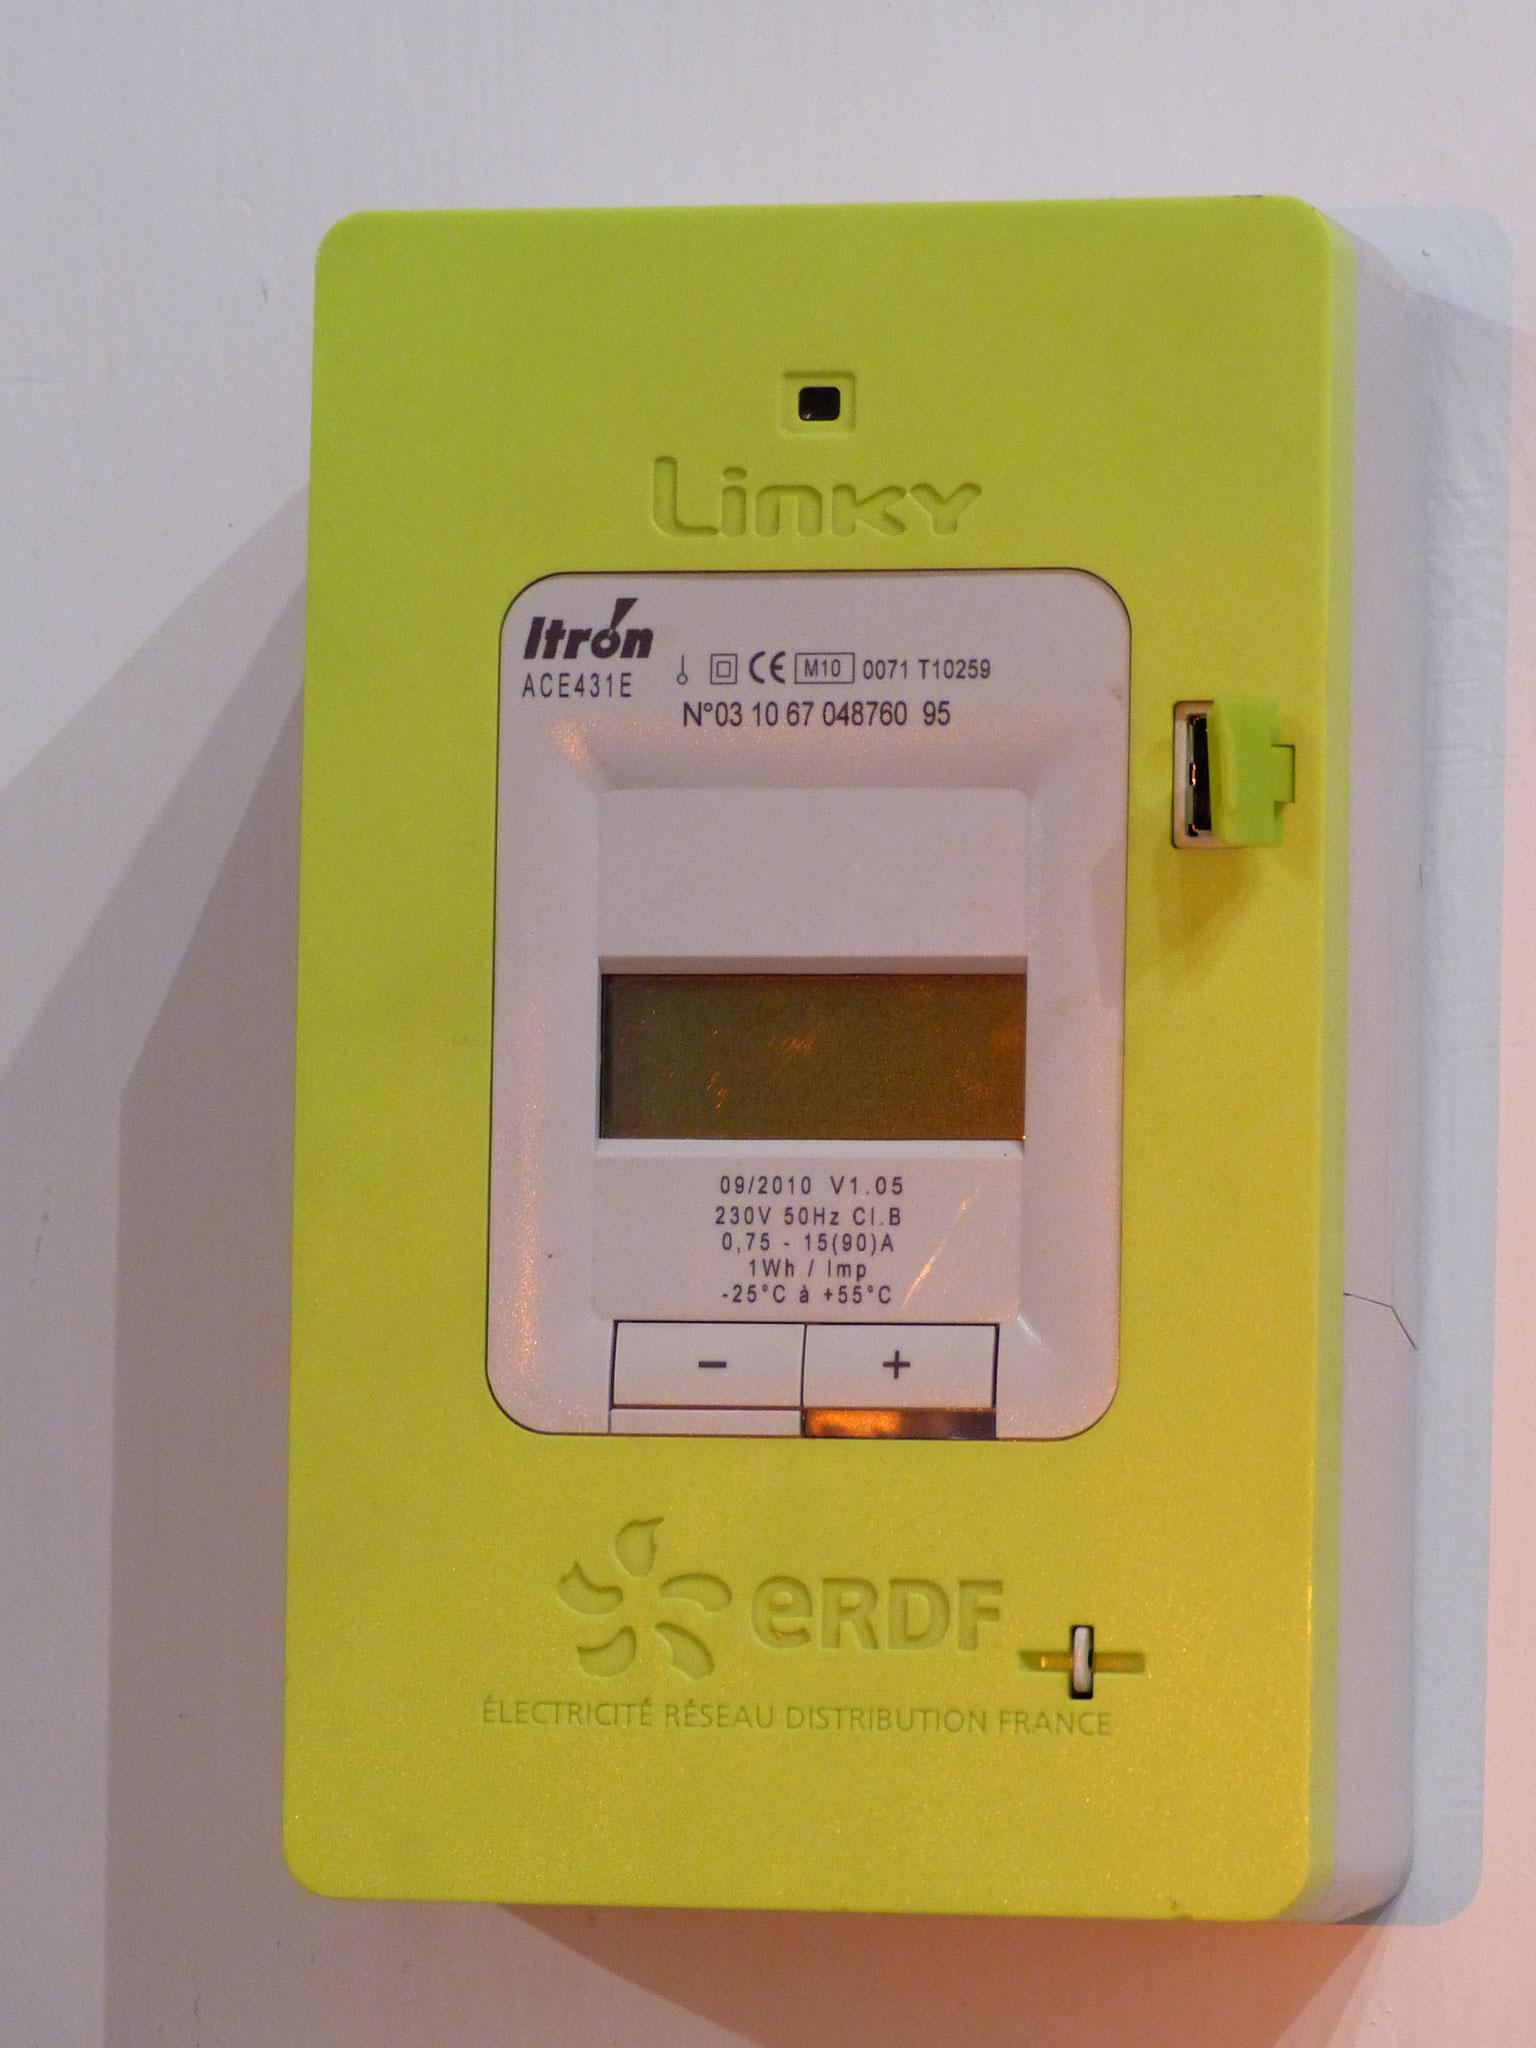 Nouveau compteur électrique pour tous d'ici 2020